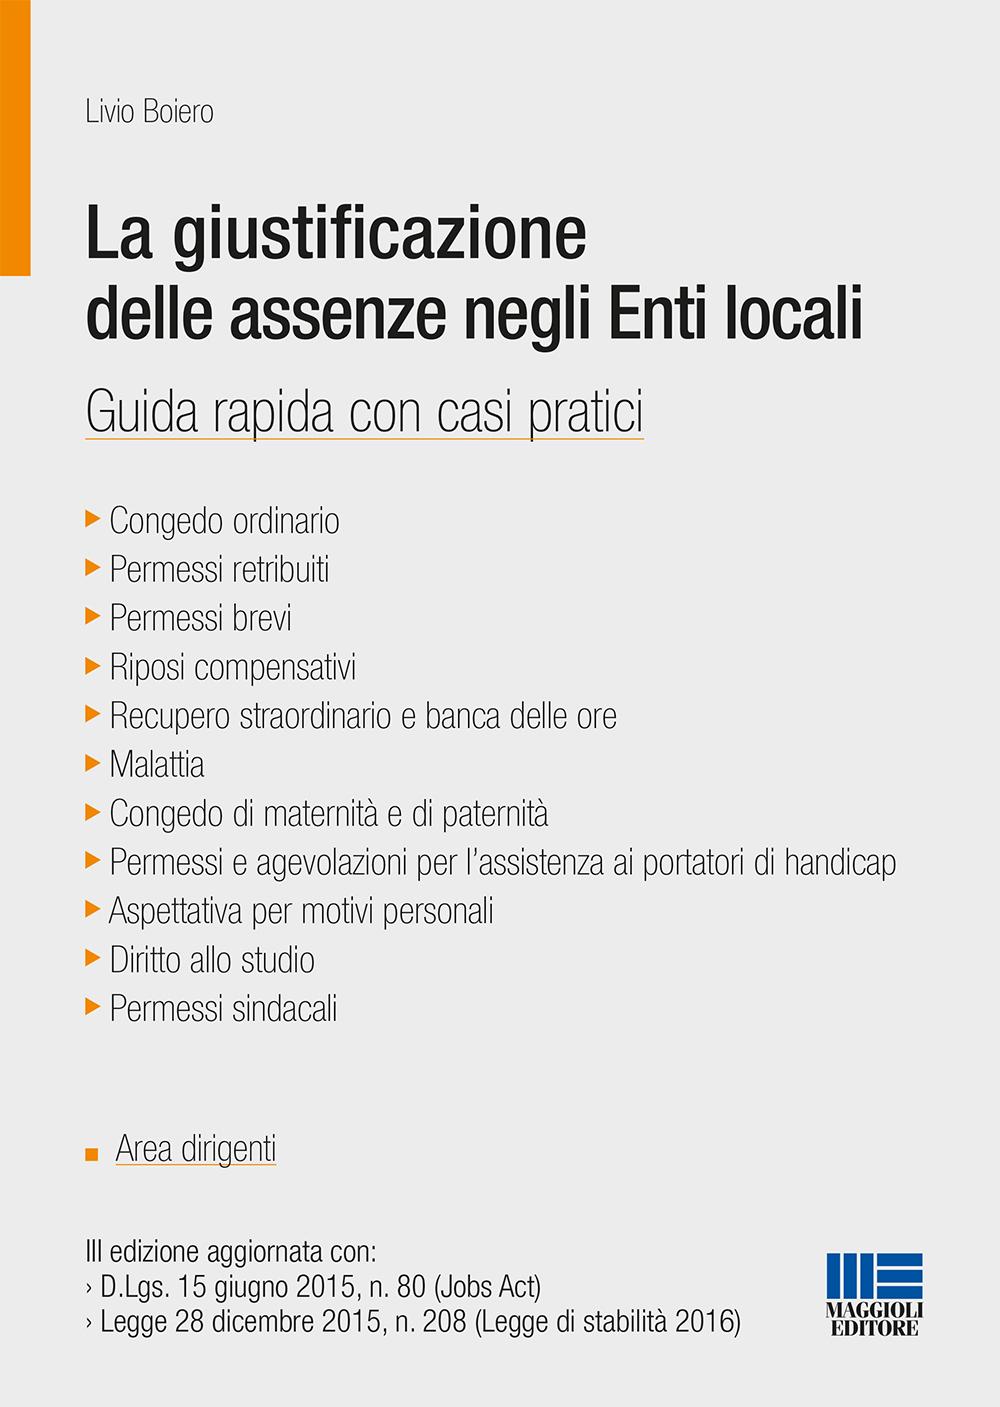 La giustificazione delle assenze negli Enti locali (nuova edizione)